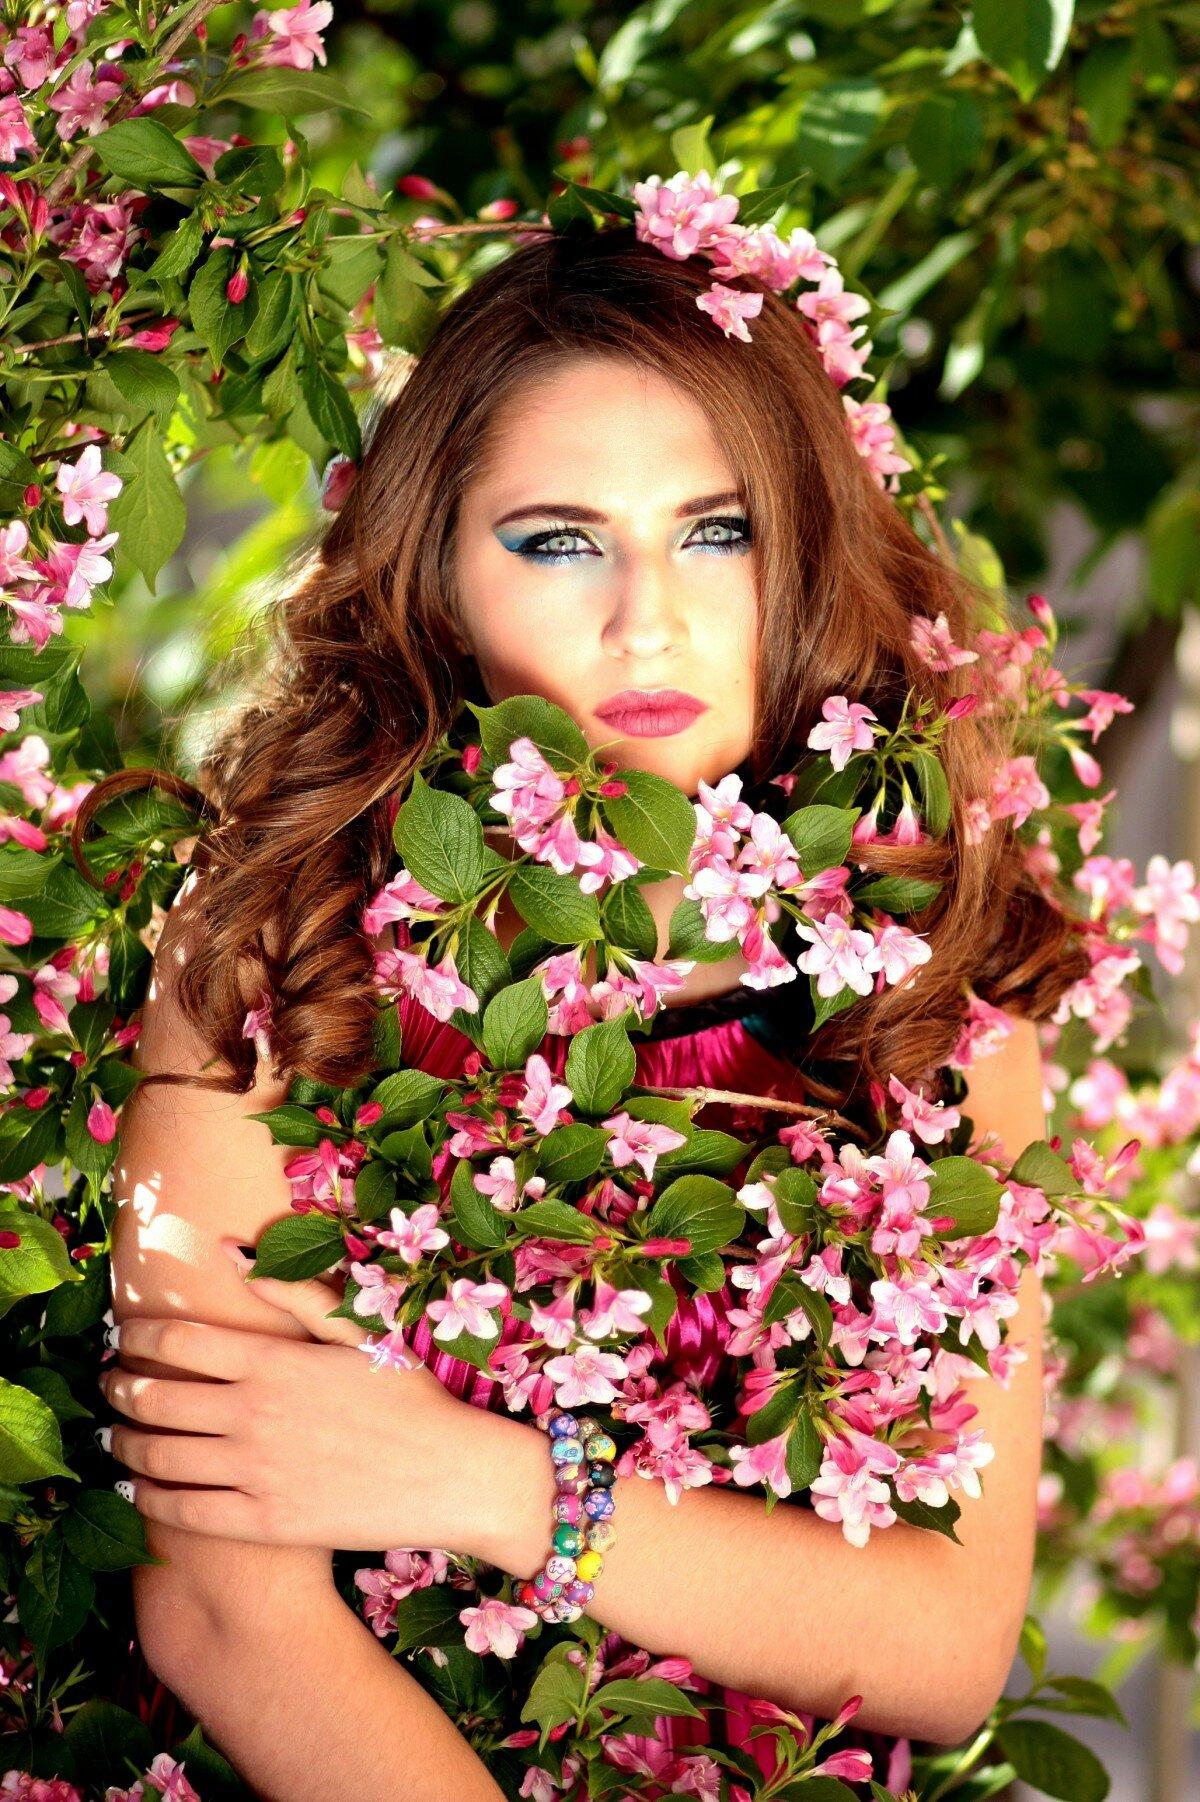 Днем, картинки красивая женщина с цветами